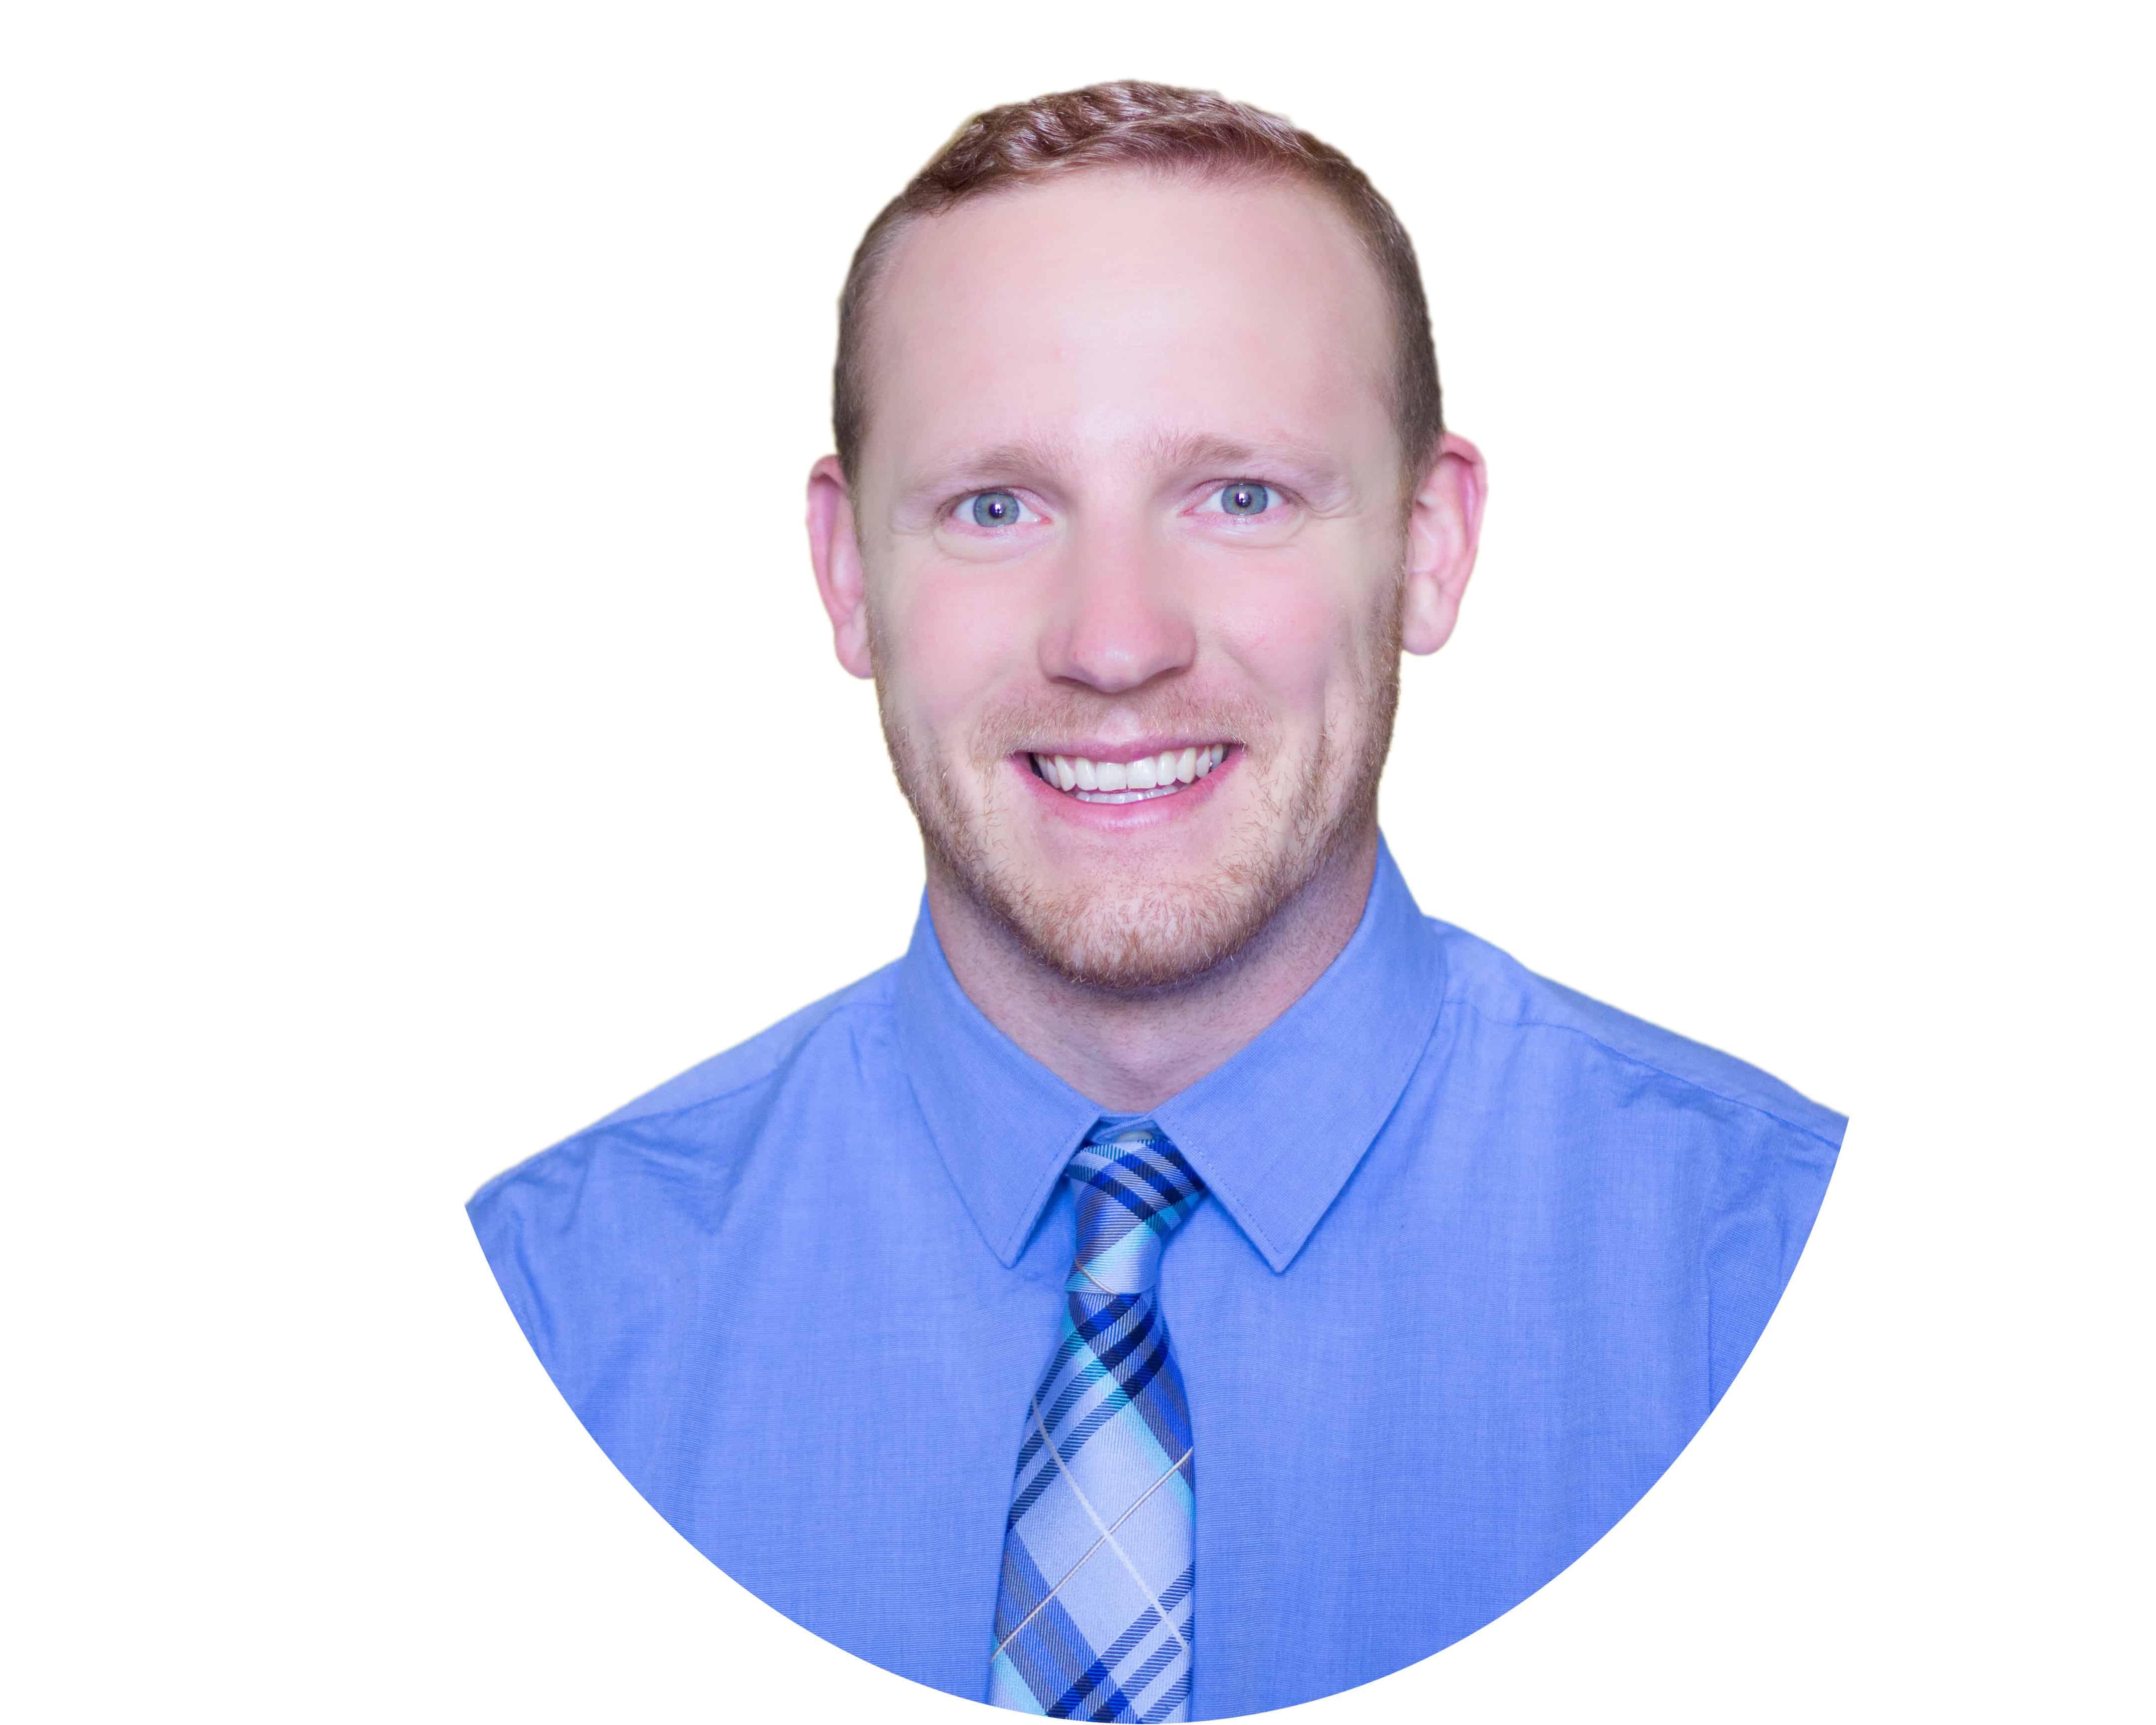 Dr. Tyler Schnitzler